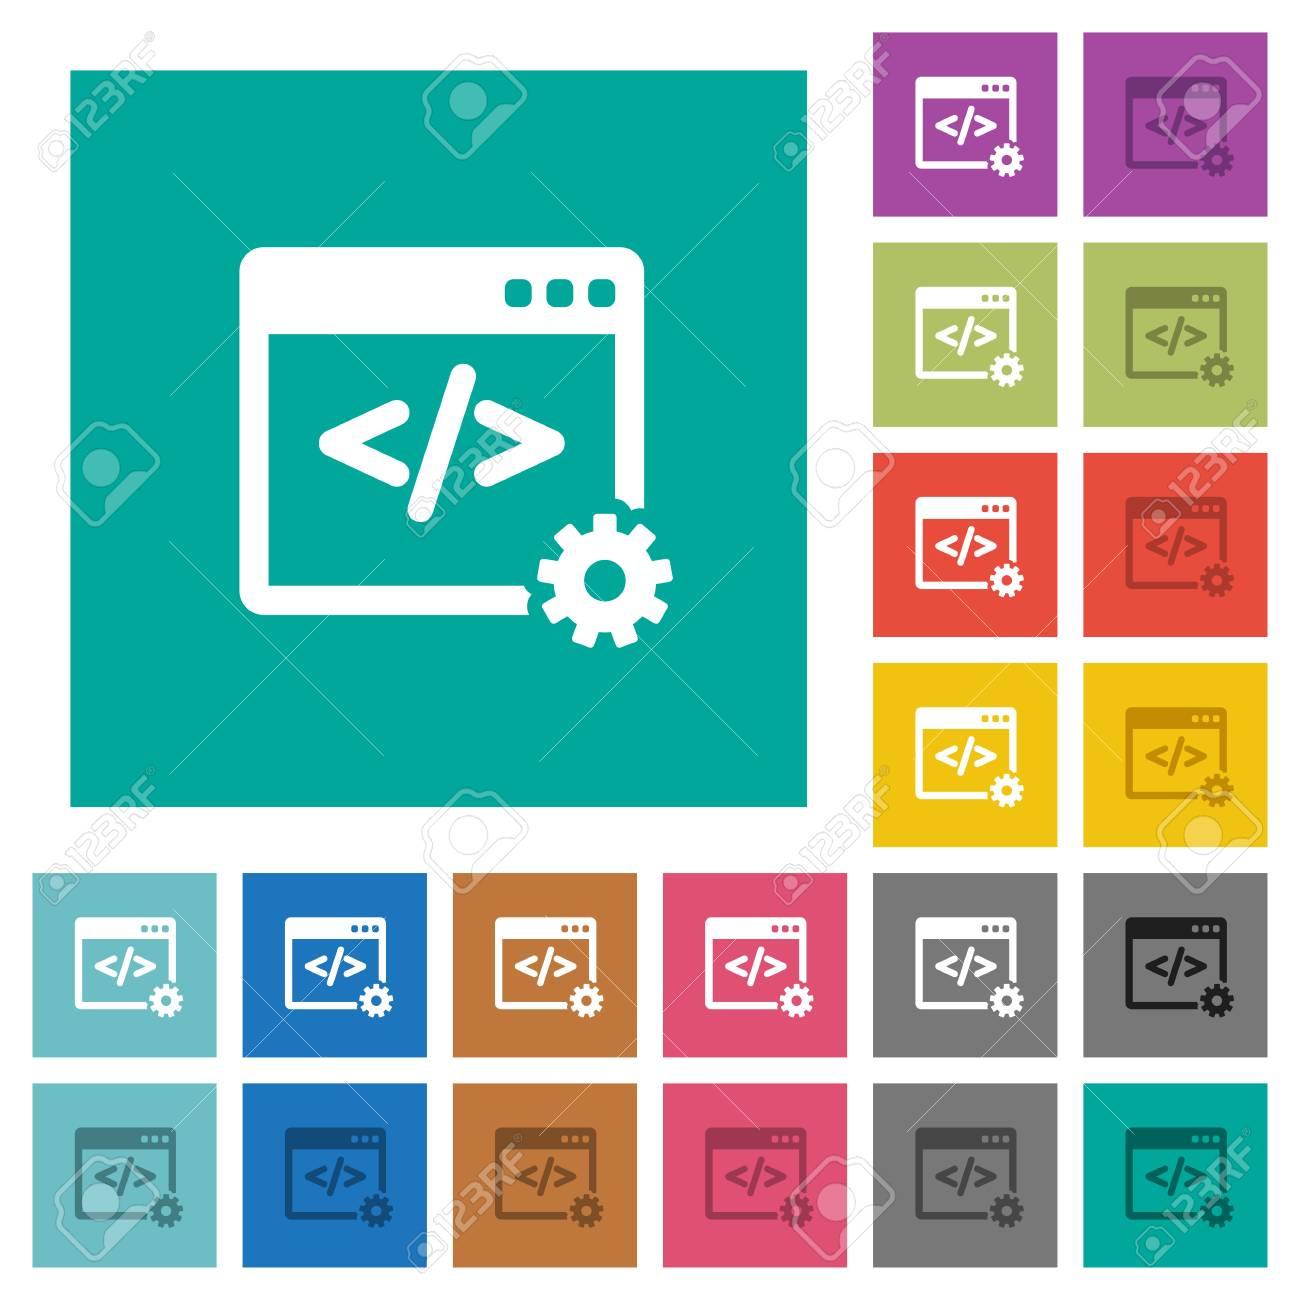 Web Development Multi Colored Flat Icons On Plain Square